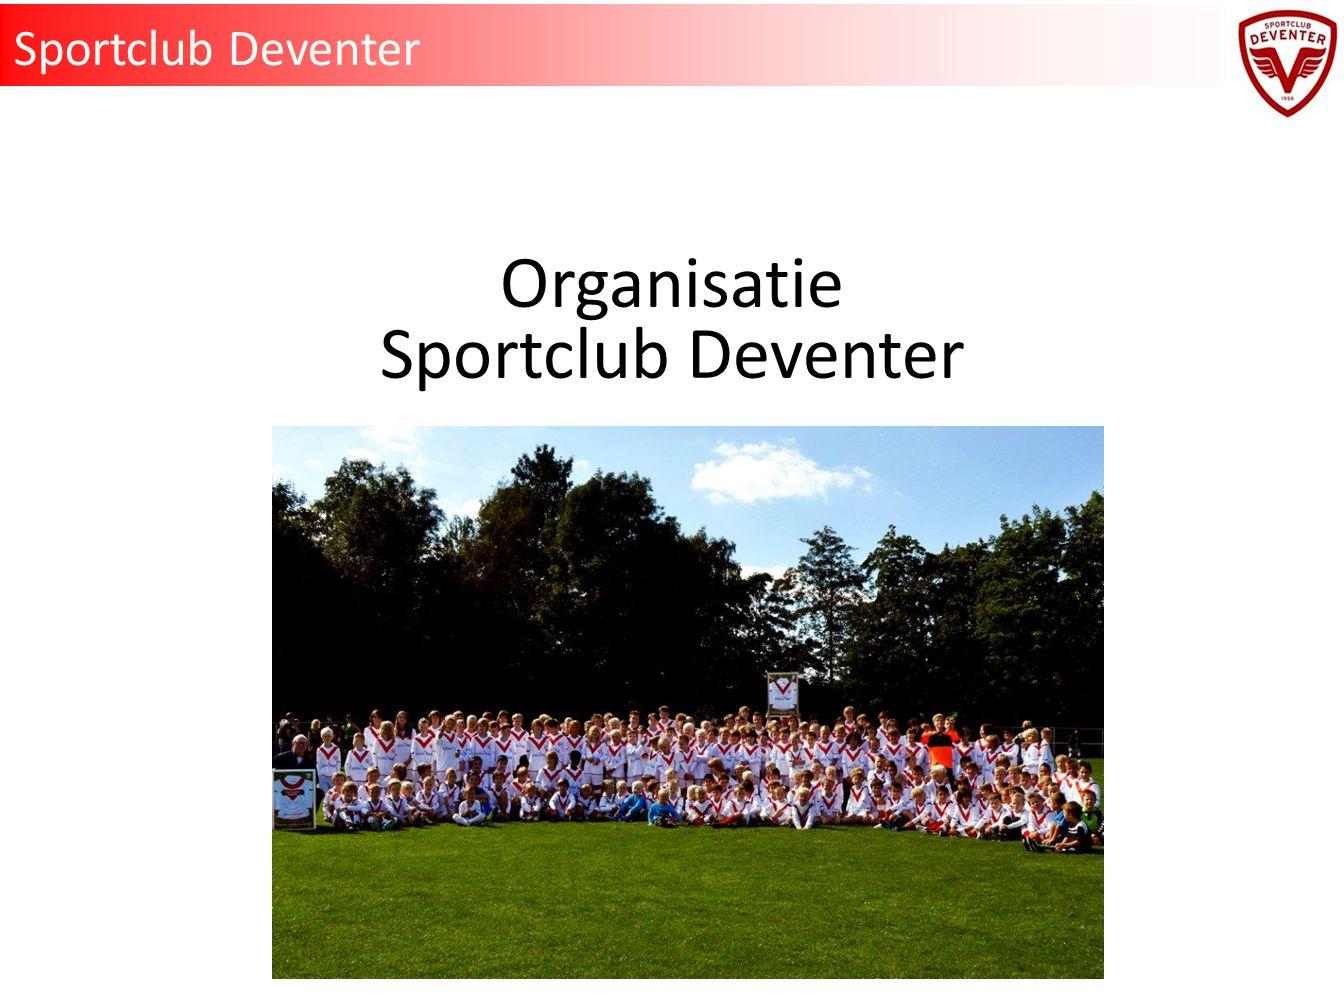 """Doel: Invulling geven aan een """"nieuwe organisatie, met heldere verdeling van taken en verantwoordelijkheden, die past bij de fase waarin Sportclub Deventer zich bevindt en waarbij de club klaar is voor de toekomst."""